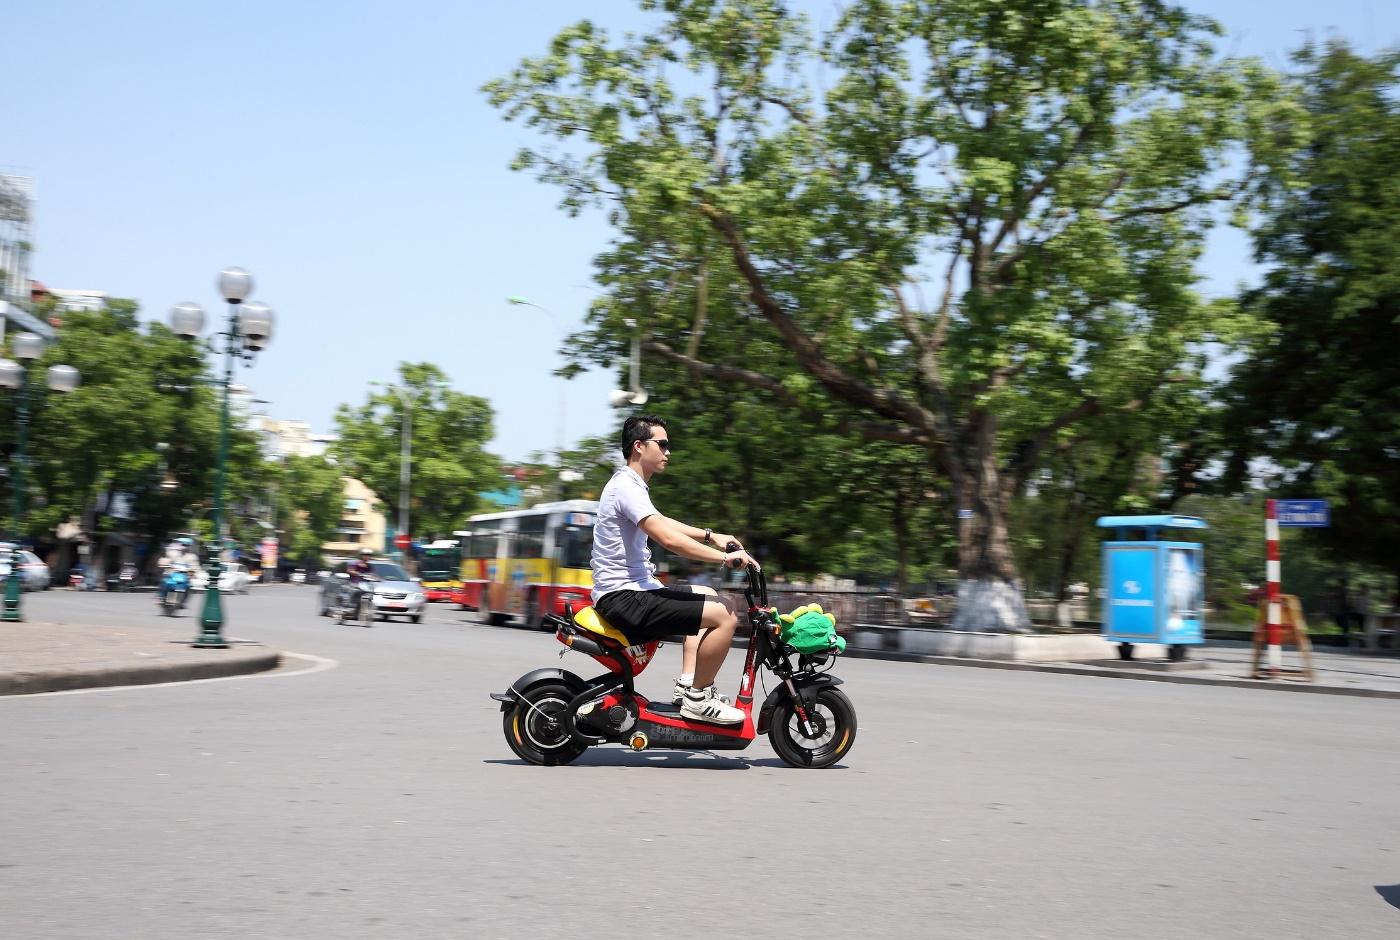 Kết quả hình ảnh cho xe máy điện ngoài trời nắng